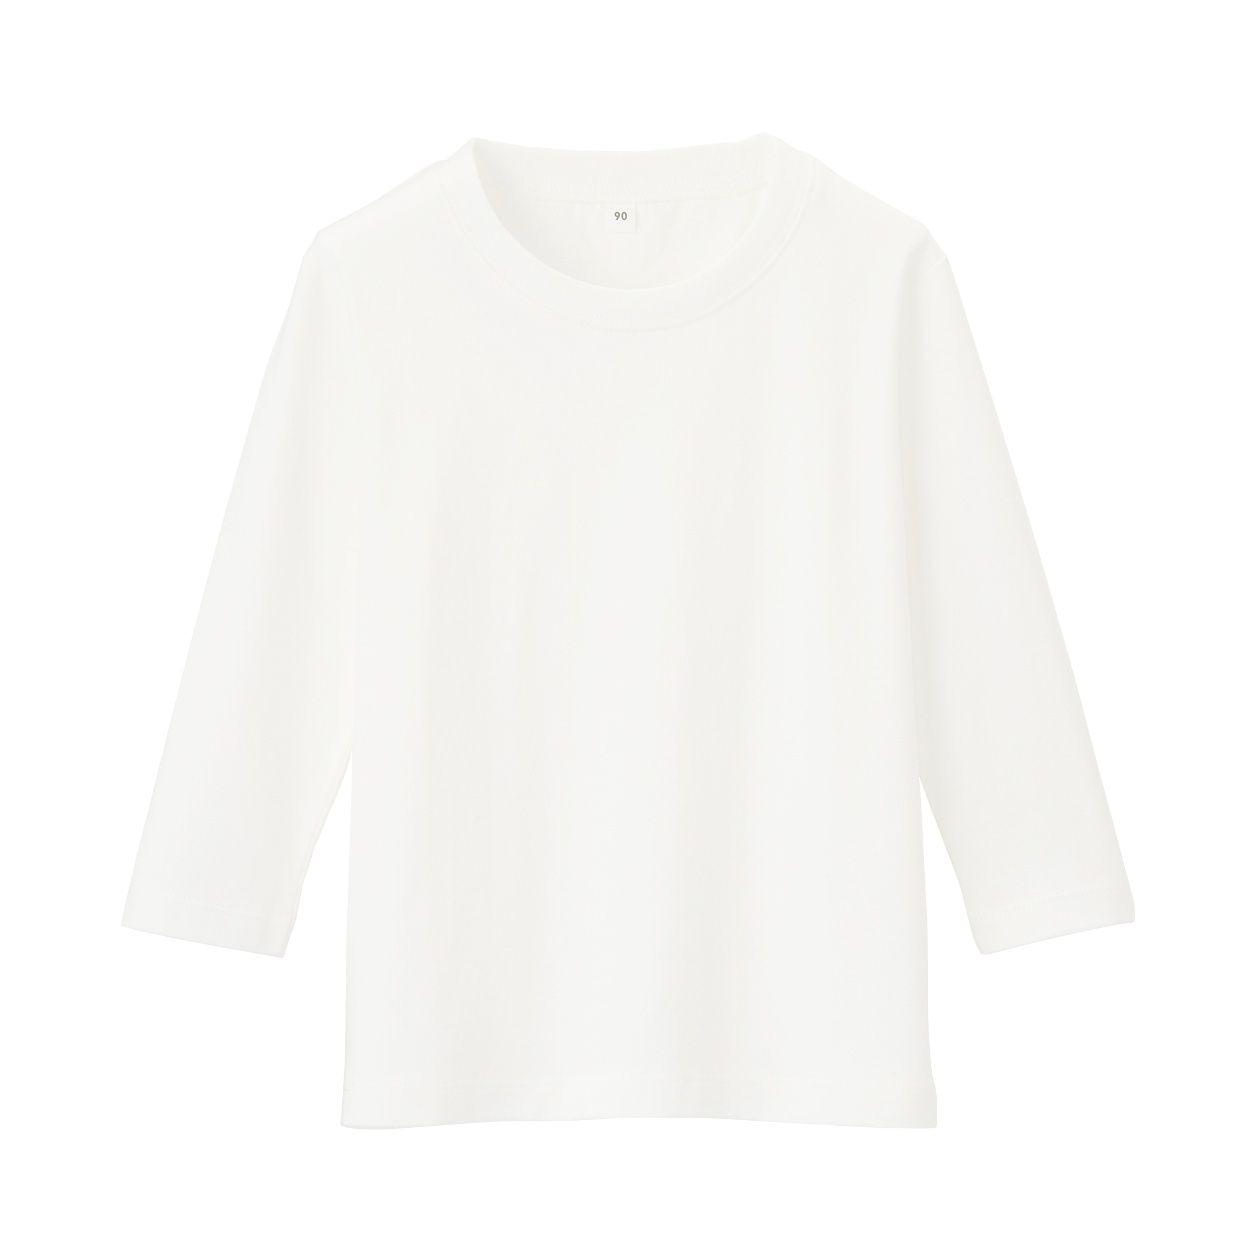 インド綿天竺編み 長袖Tシャツ(ベビー)